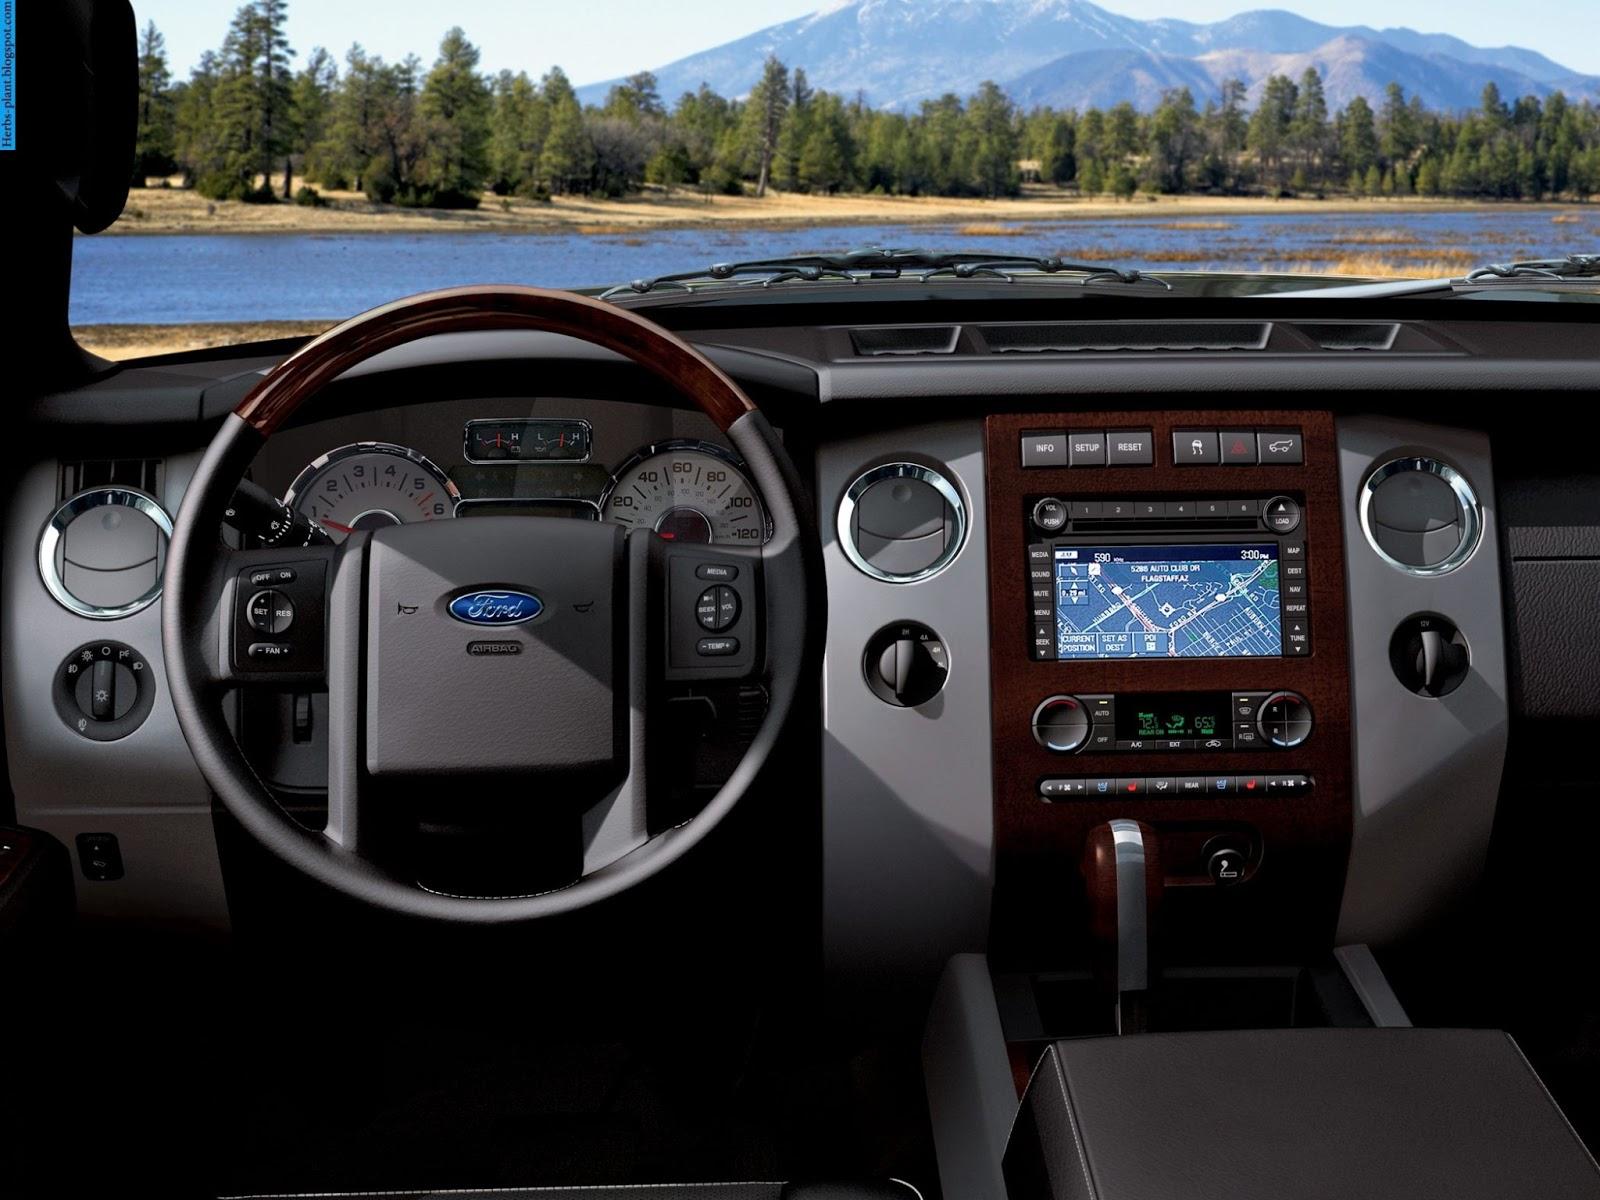 Ford expedition car 2013 dashboard - صور تابلوه سيارة فورد اكسبديشن 2013